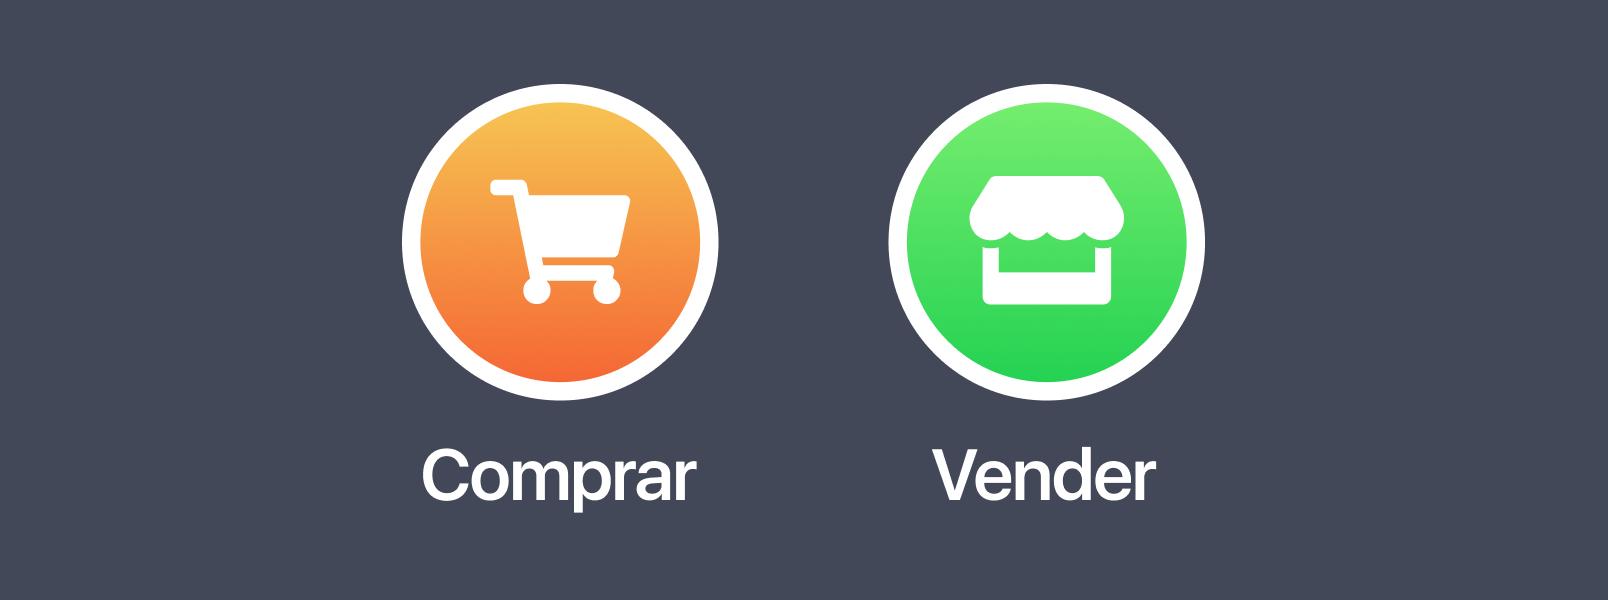 """Elige """"Comprar"""" para avisar de lo que necesitas o buscas, y """"Vender"""" para publicar lo que quieras vender."""